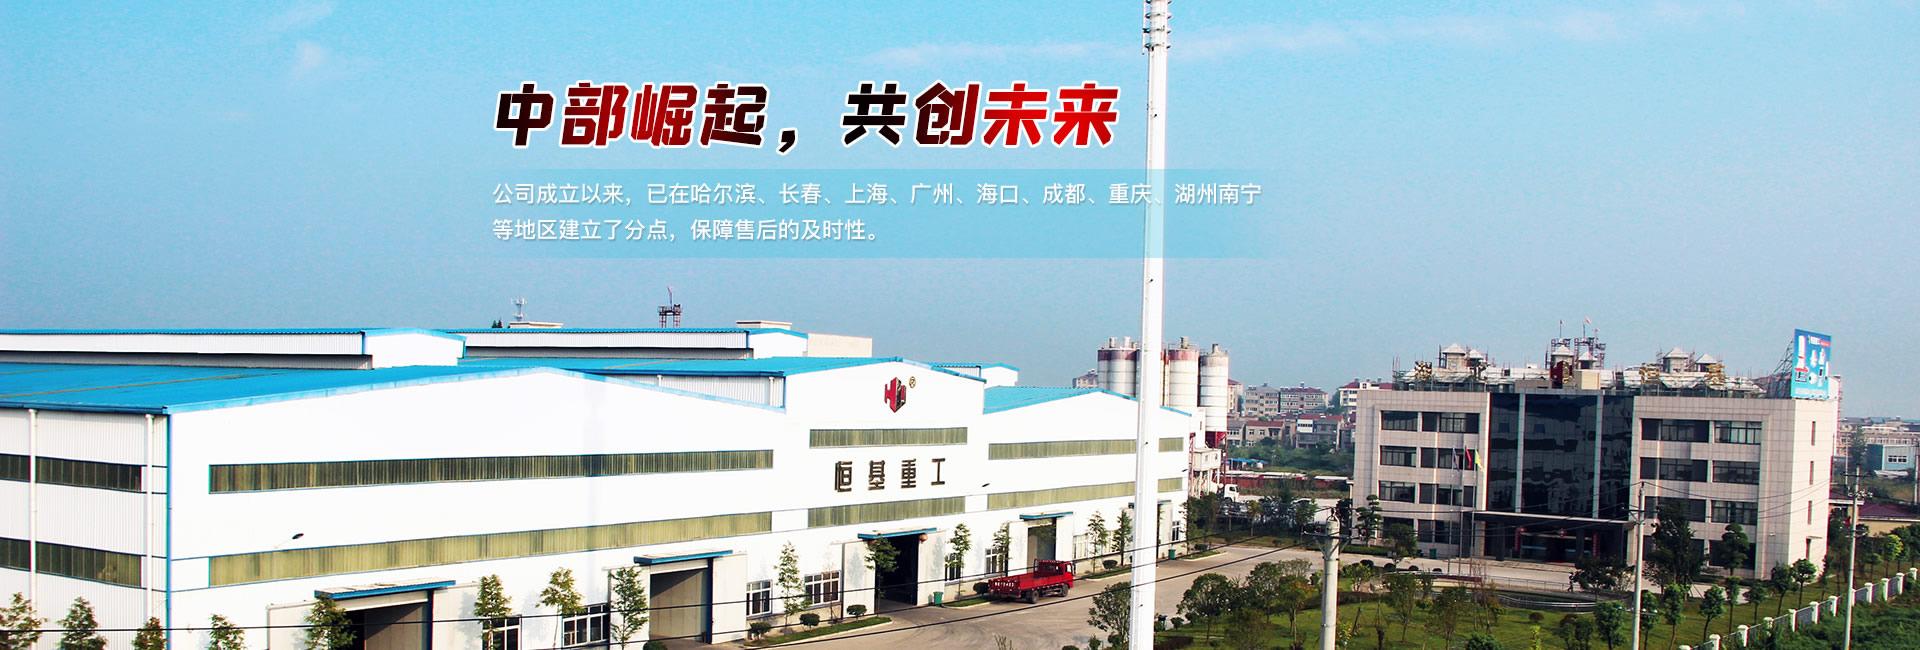 恒基重工(鄂州市恒基智能装备制造有限公司)是一家高新技术企业,也是中国重型矿山机械生产出口基地。